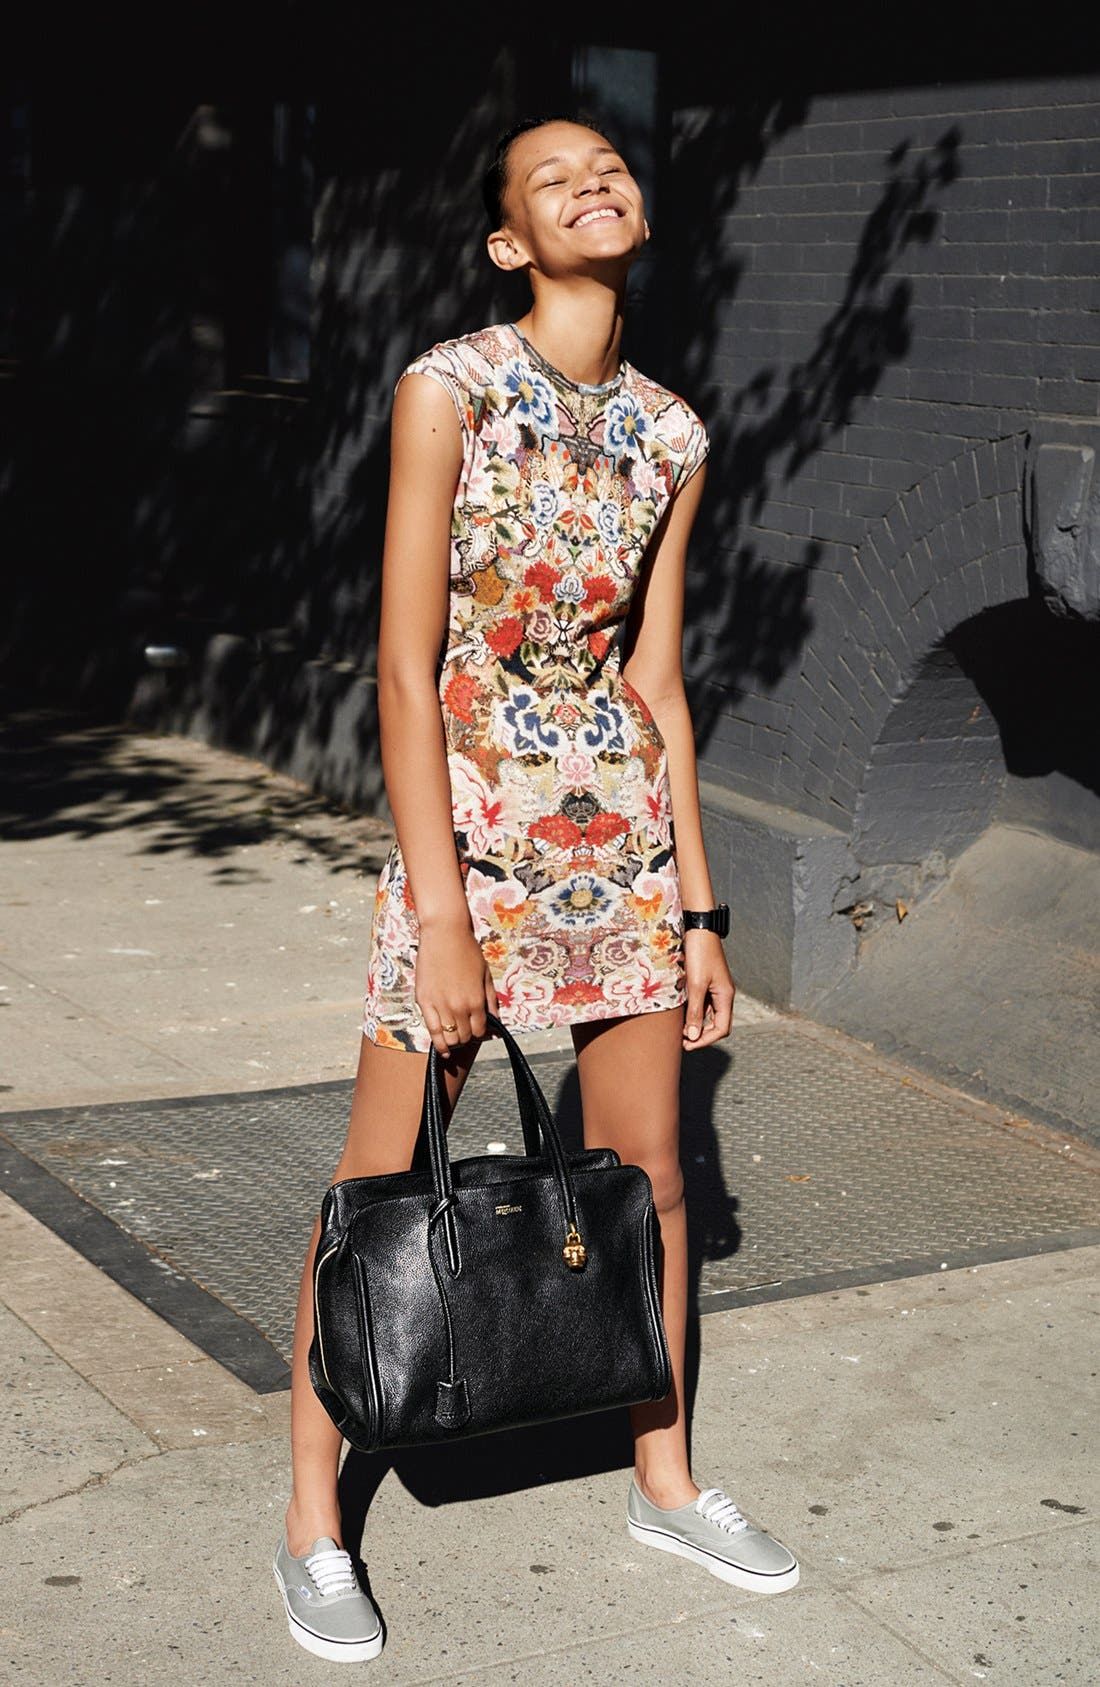 Main Image - Alexander McQueen Calfskin Duffel Bag & Dress